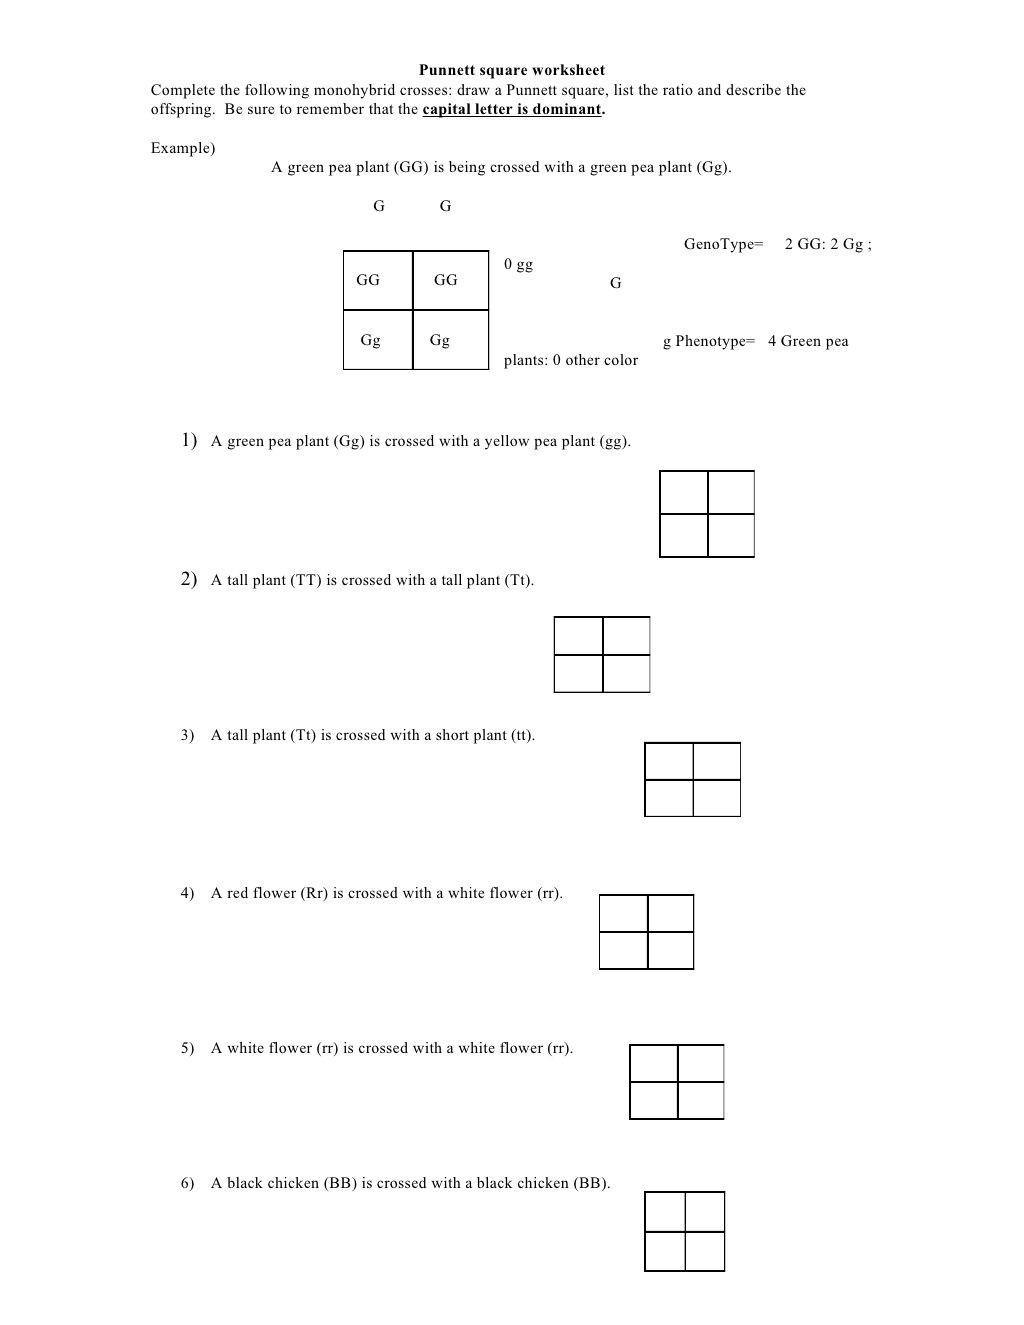 Punnett Square Practice Problems Worksheet Punnett Square Worksheet by Kpolson Via Slideshare